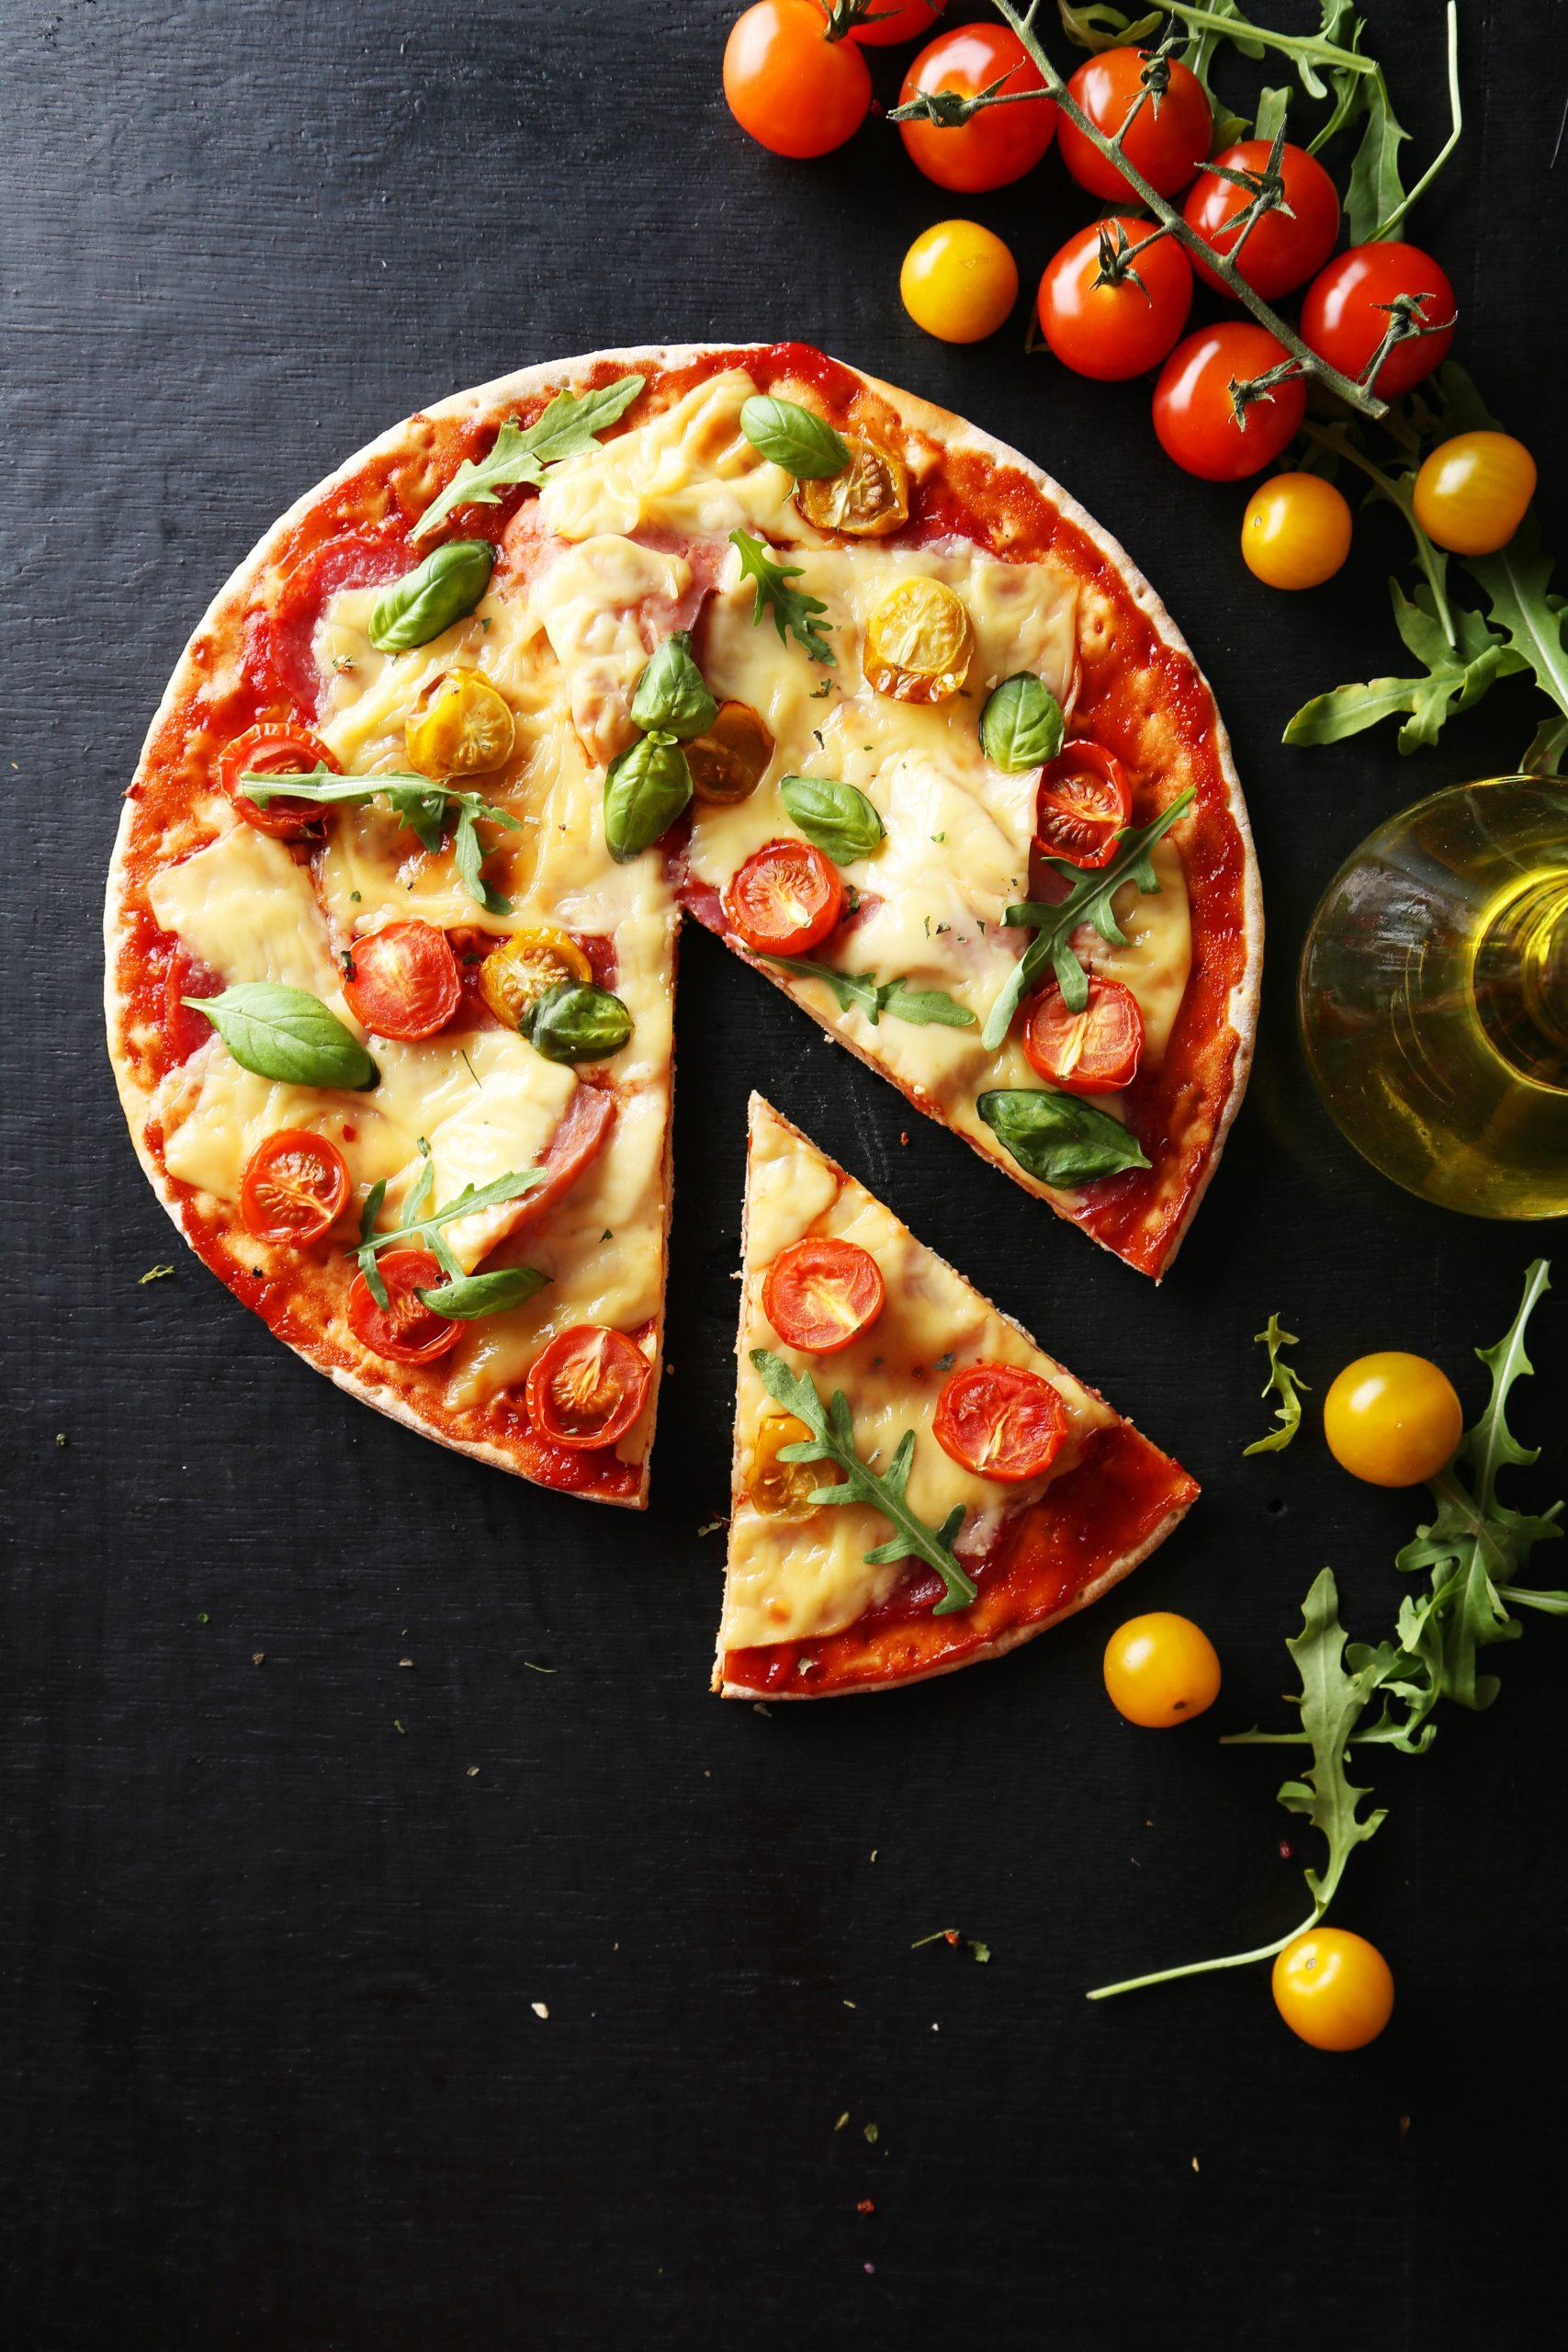 פיצה של פיצה רונדו